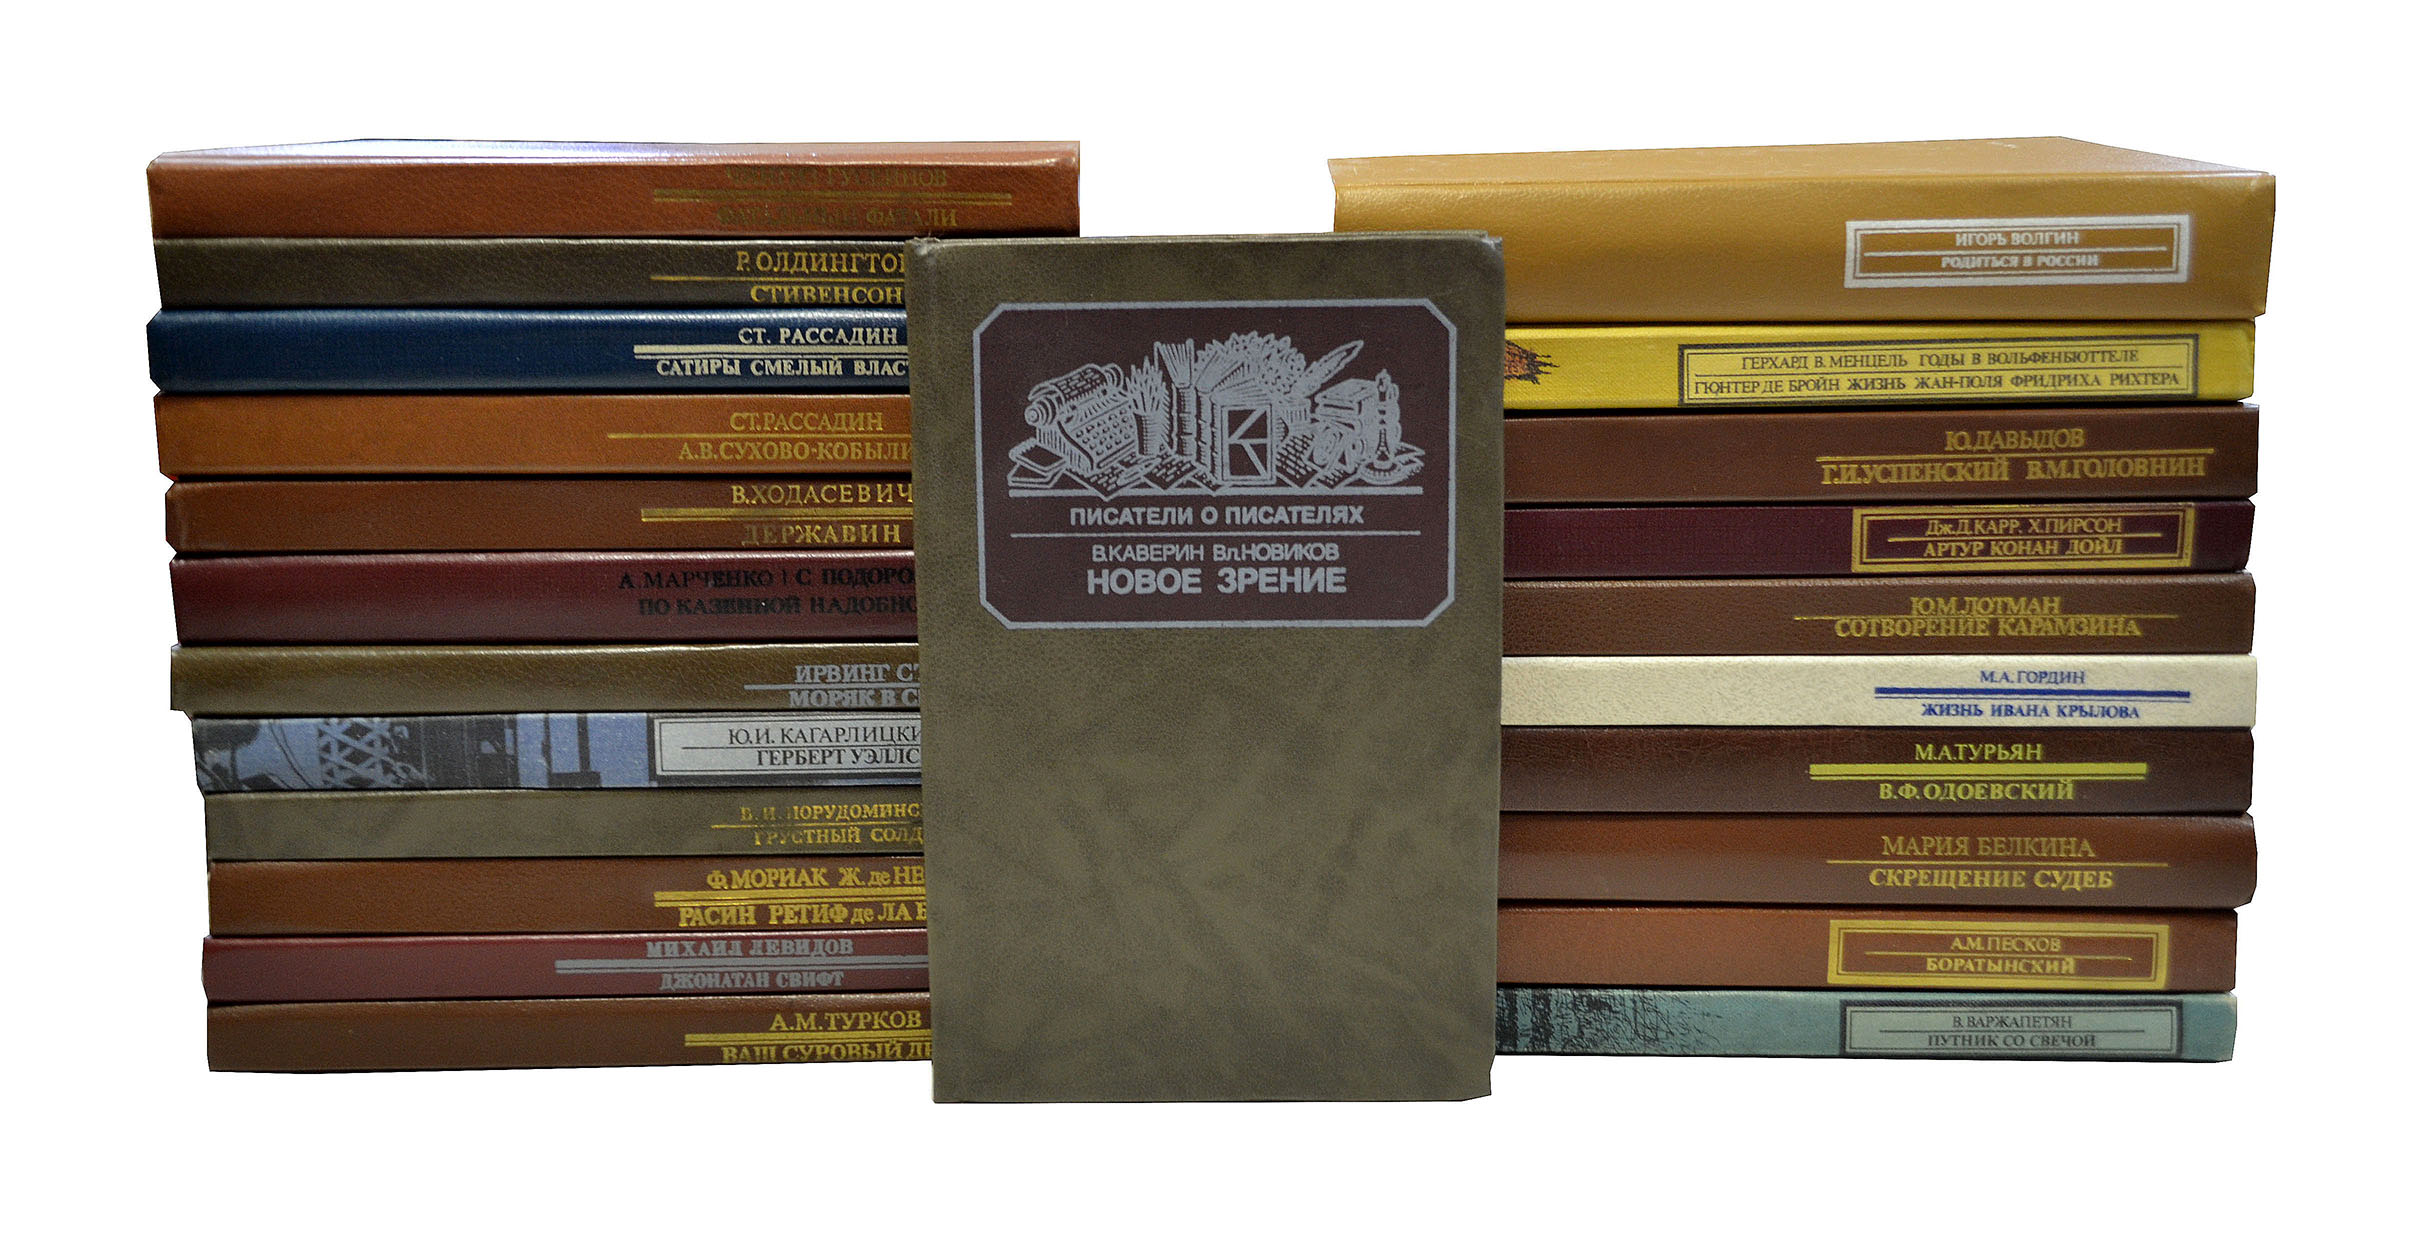 Серия Писатели о писателях (комплект из 23 книг) серия писатели о писателях комплект из 29 книг